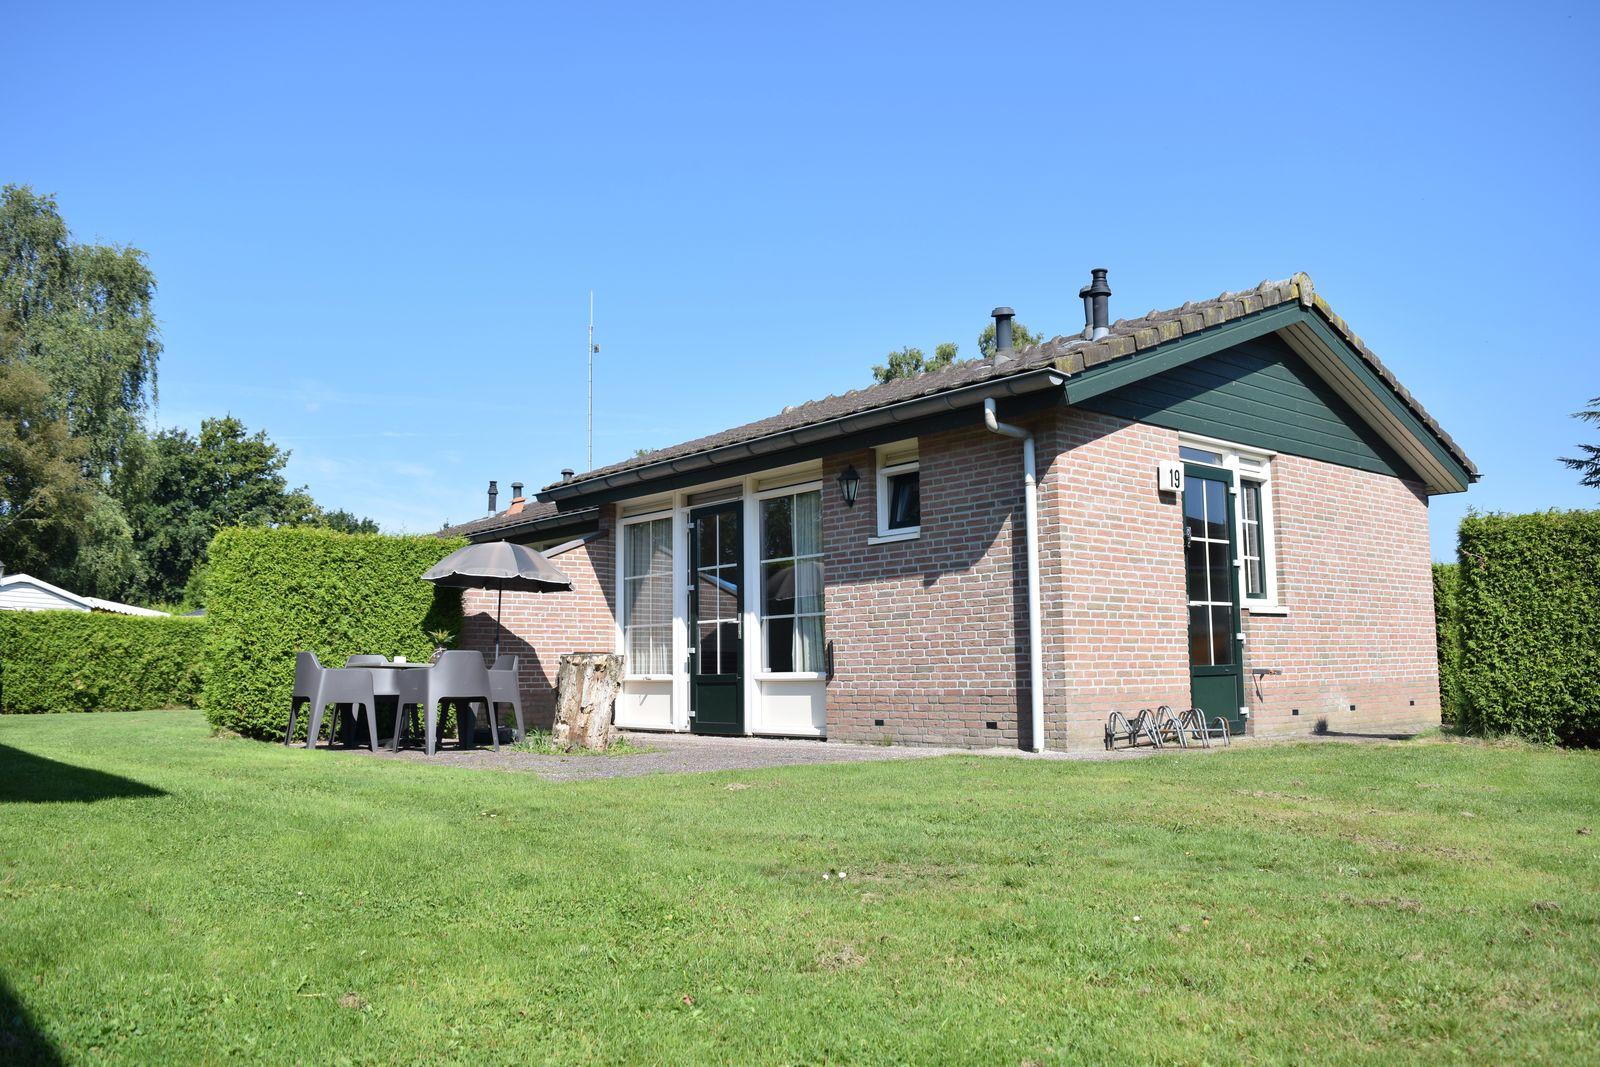 Afbeelding van Heuveltjes 4-persoons bungalow